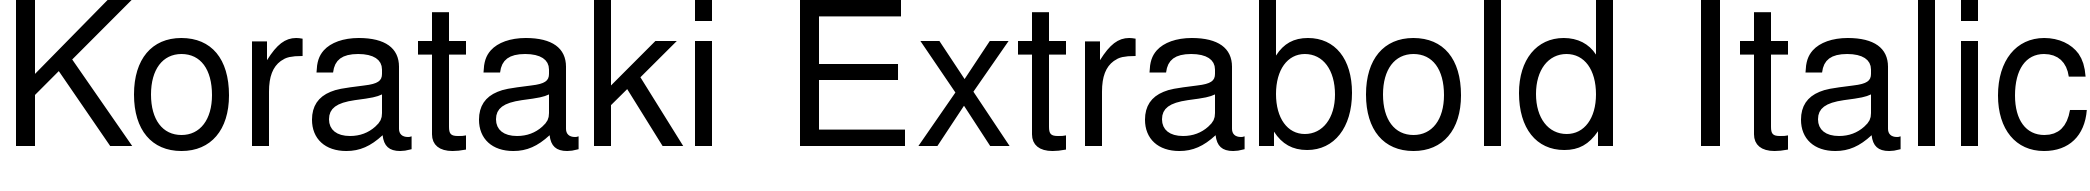 Korataki Extrabold Italic